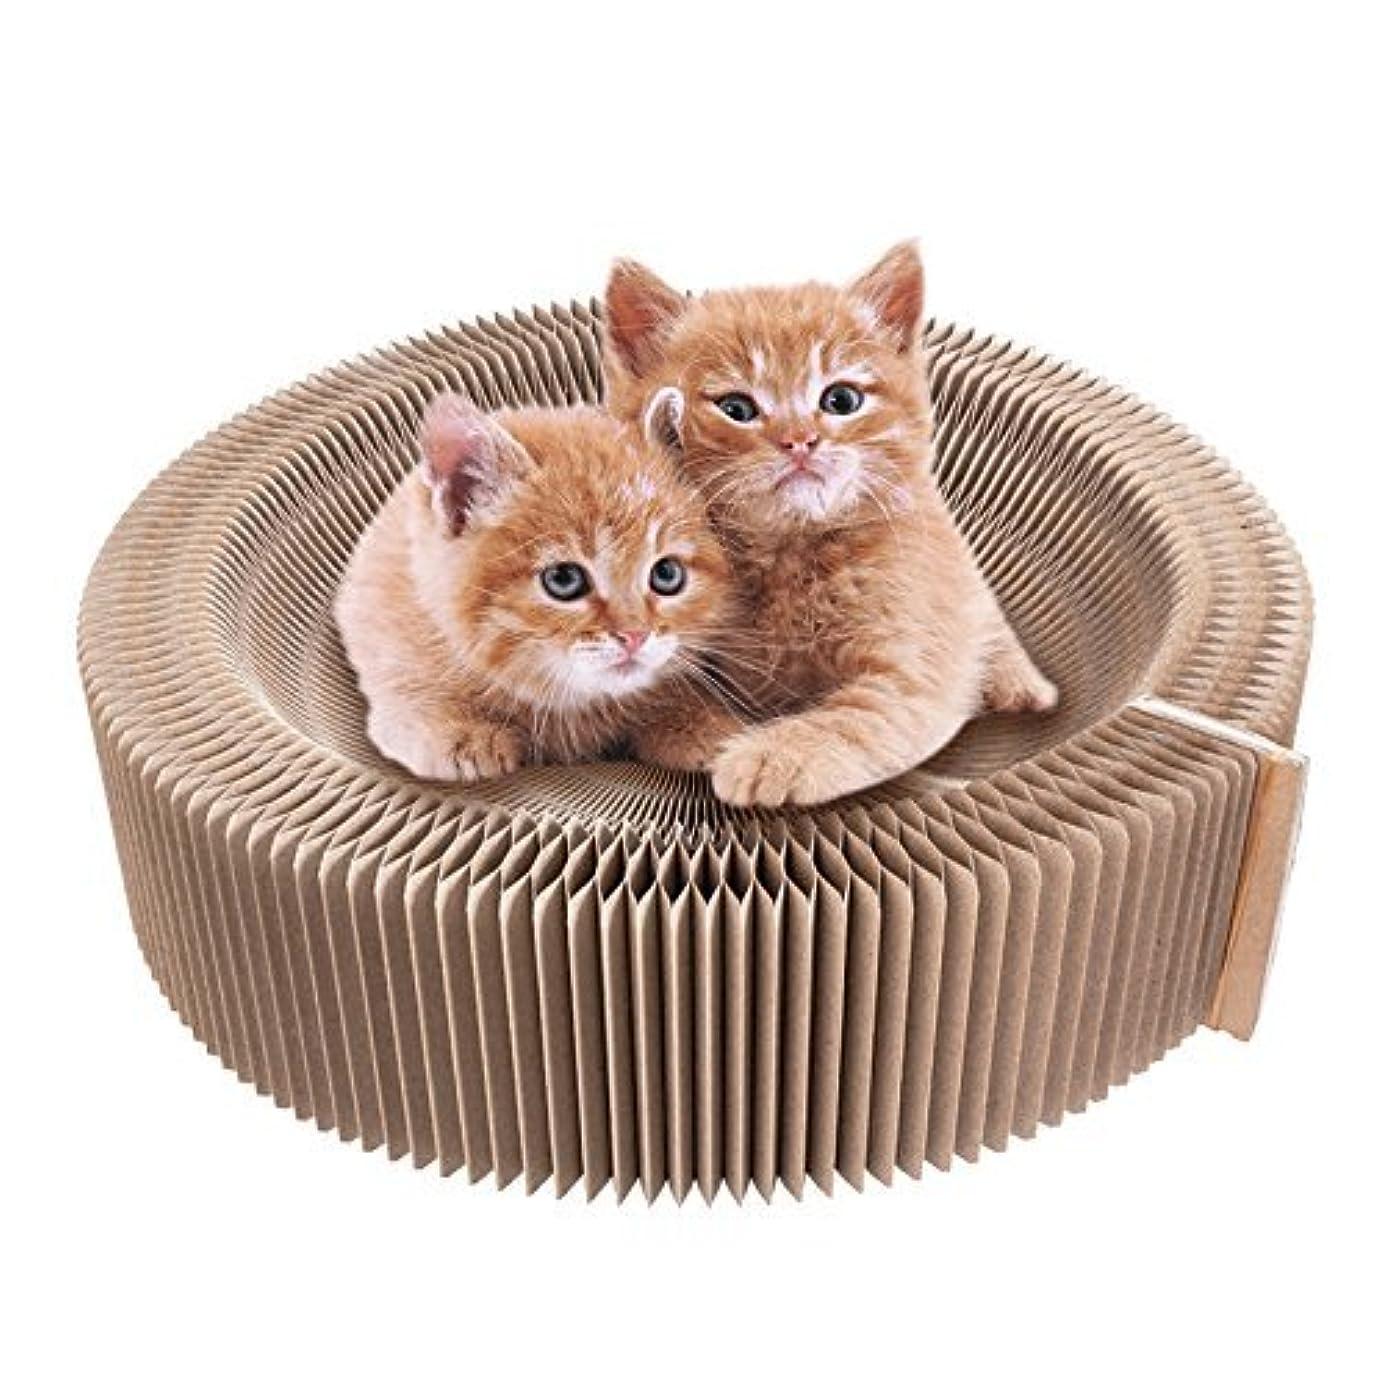 金貸し天気pidan 猫 爪研ぎ ダンボール 猫おもちゃ 人気 スクラッチャー 猫ベッド、スクラッチャー両用 ストレス解消